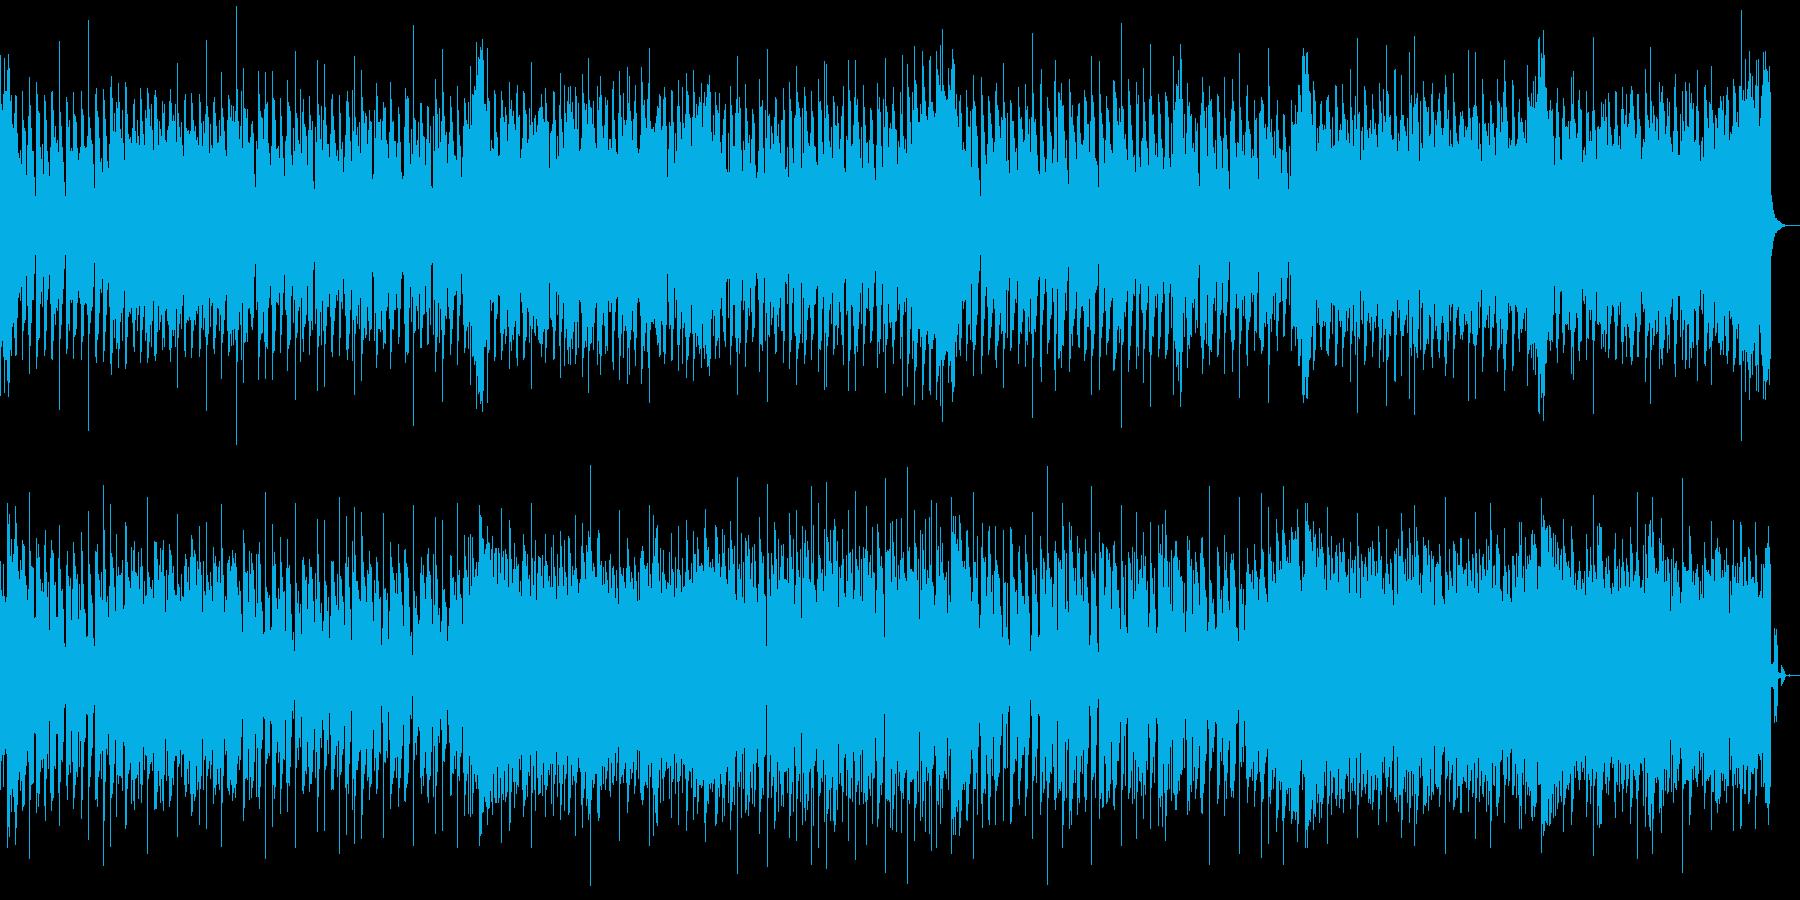 ピッチ補正のかかった音声が特徴のBGMの再生済みの波形